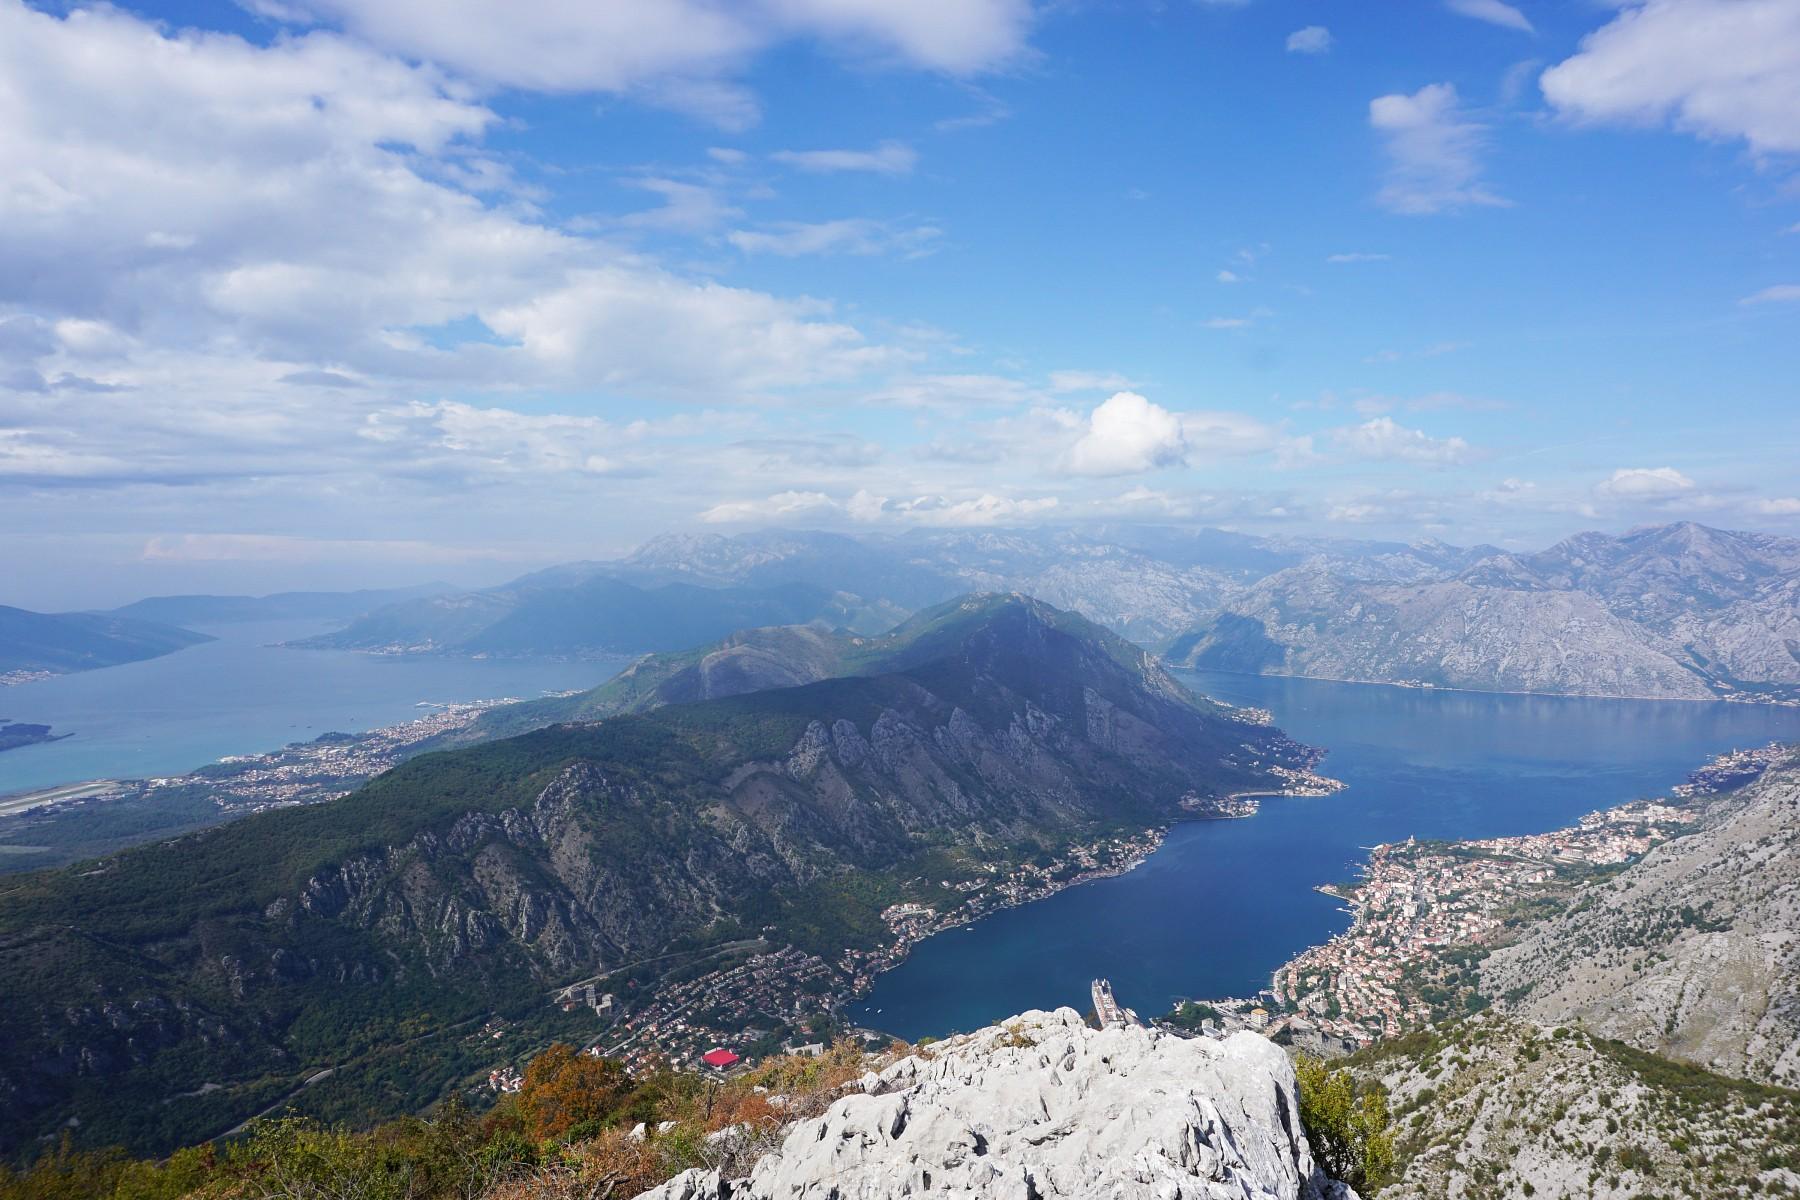 pBlick-auf-die-Stadt-Kotor-an-der-Adriakuumlste-Montenegros-Die-Stadt-mit-UNESCO-Welterbe-Status-liegt-an-einer-fast-30-km-langen-Bucht-eingerahmt-von-den-kargen-Felswaumlnden-des-Loven--und-Orijen-Gebirgesnbspnbspp